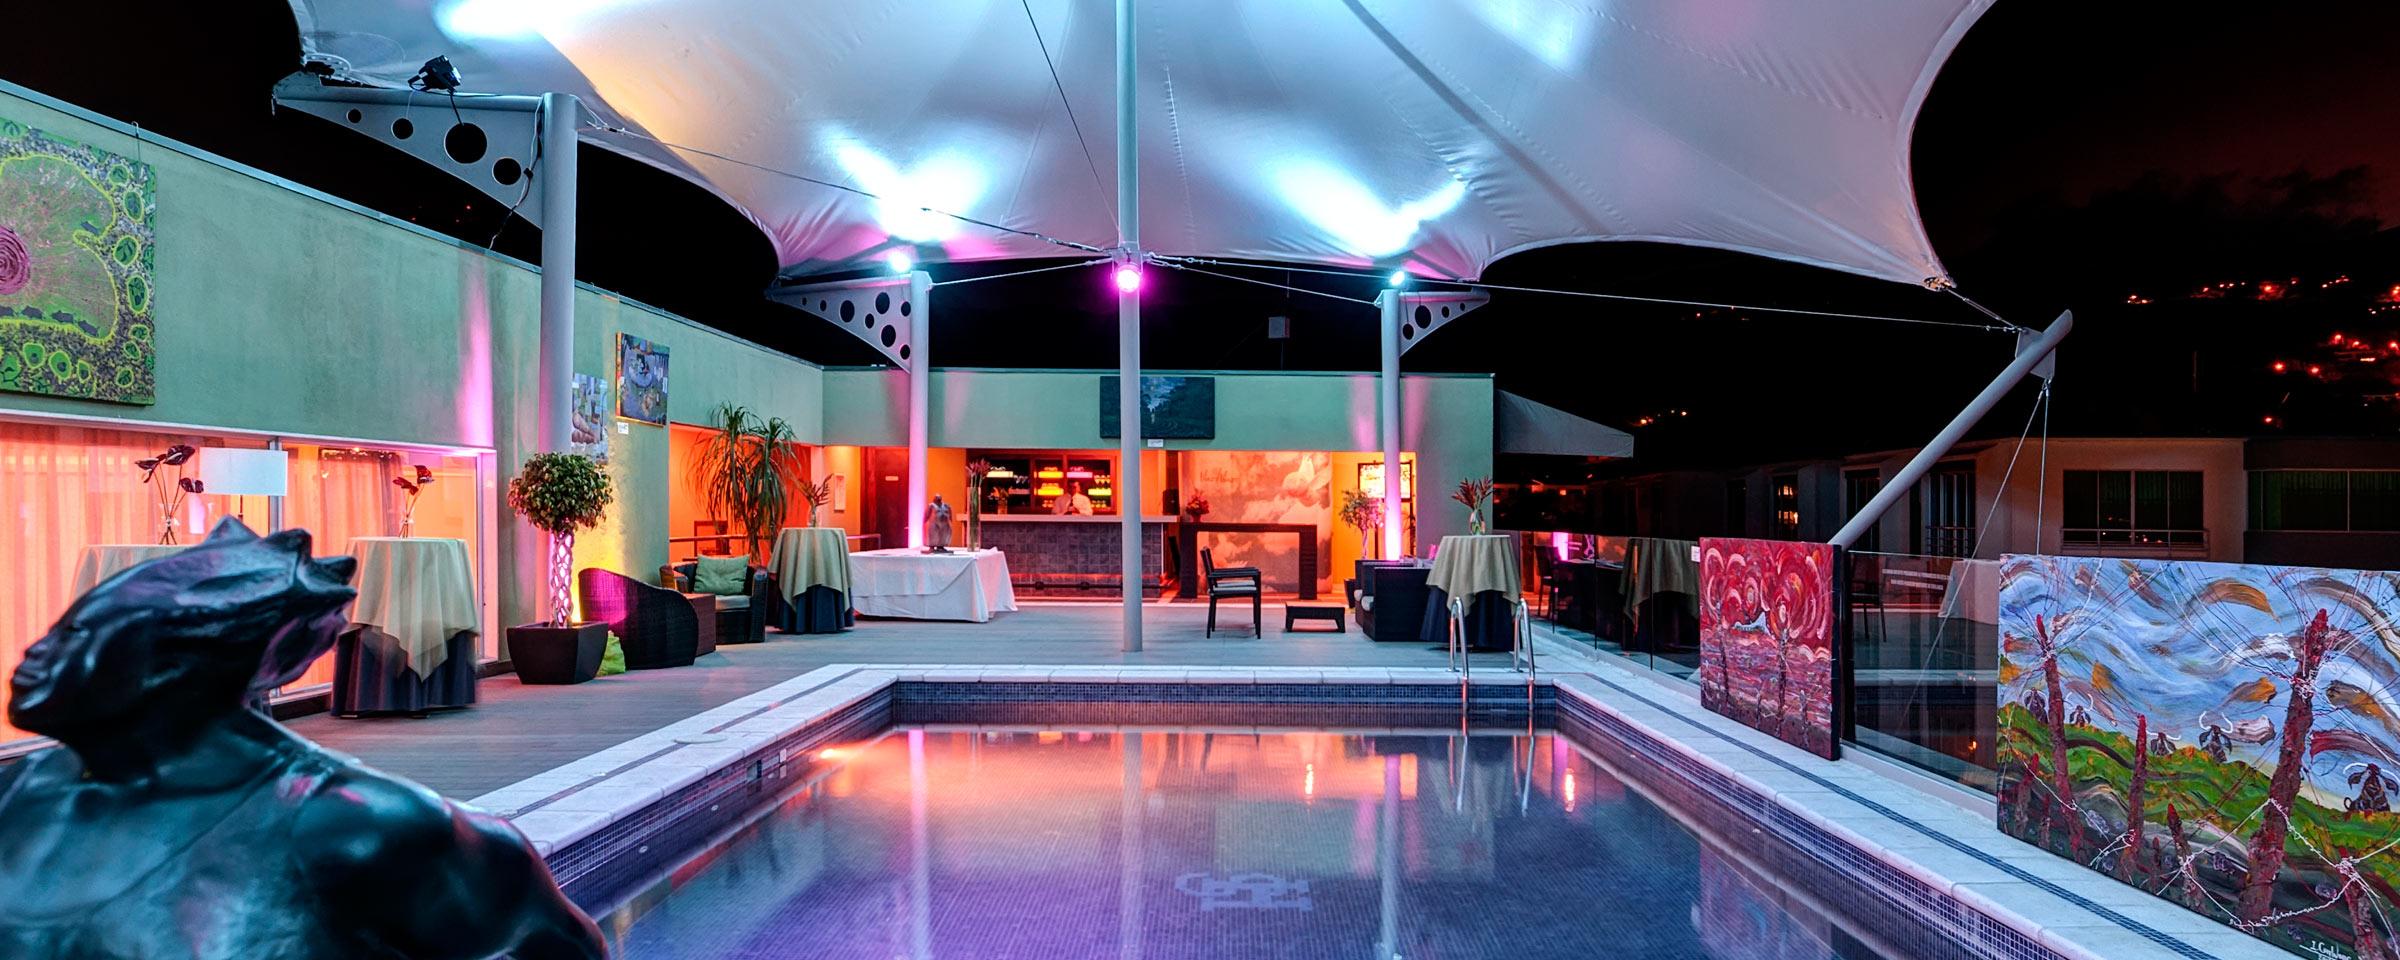 Studio Boutique Hotel - Santa Ana Costa Rica